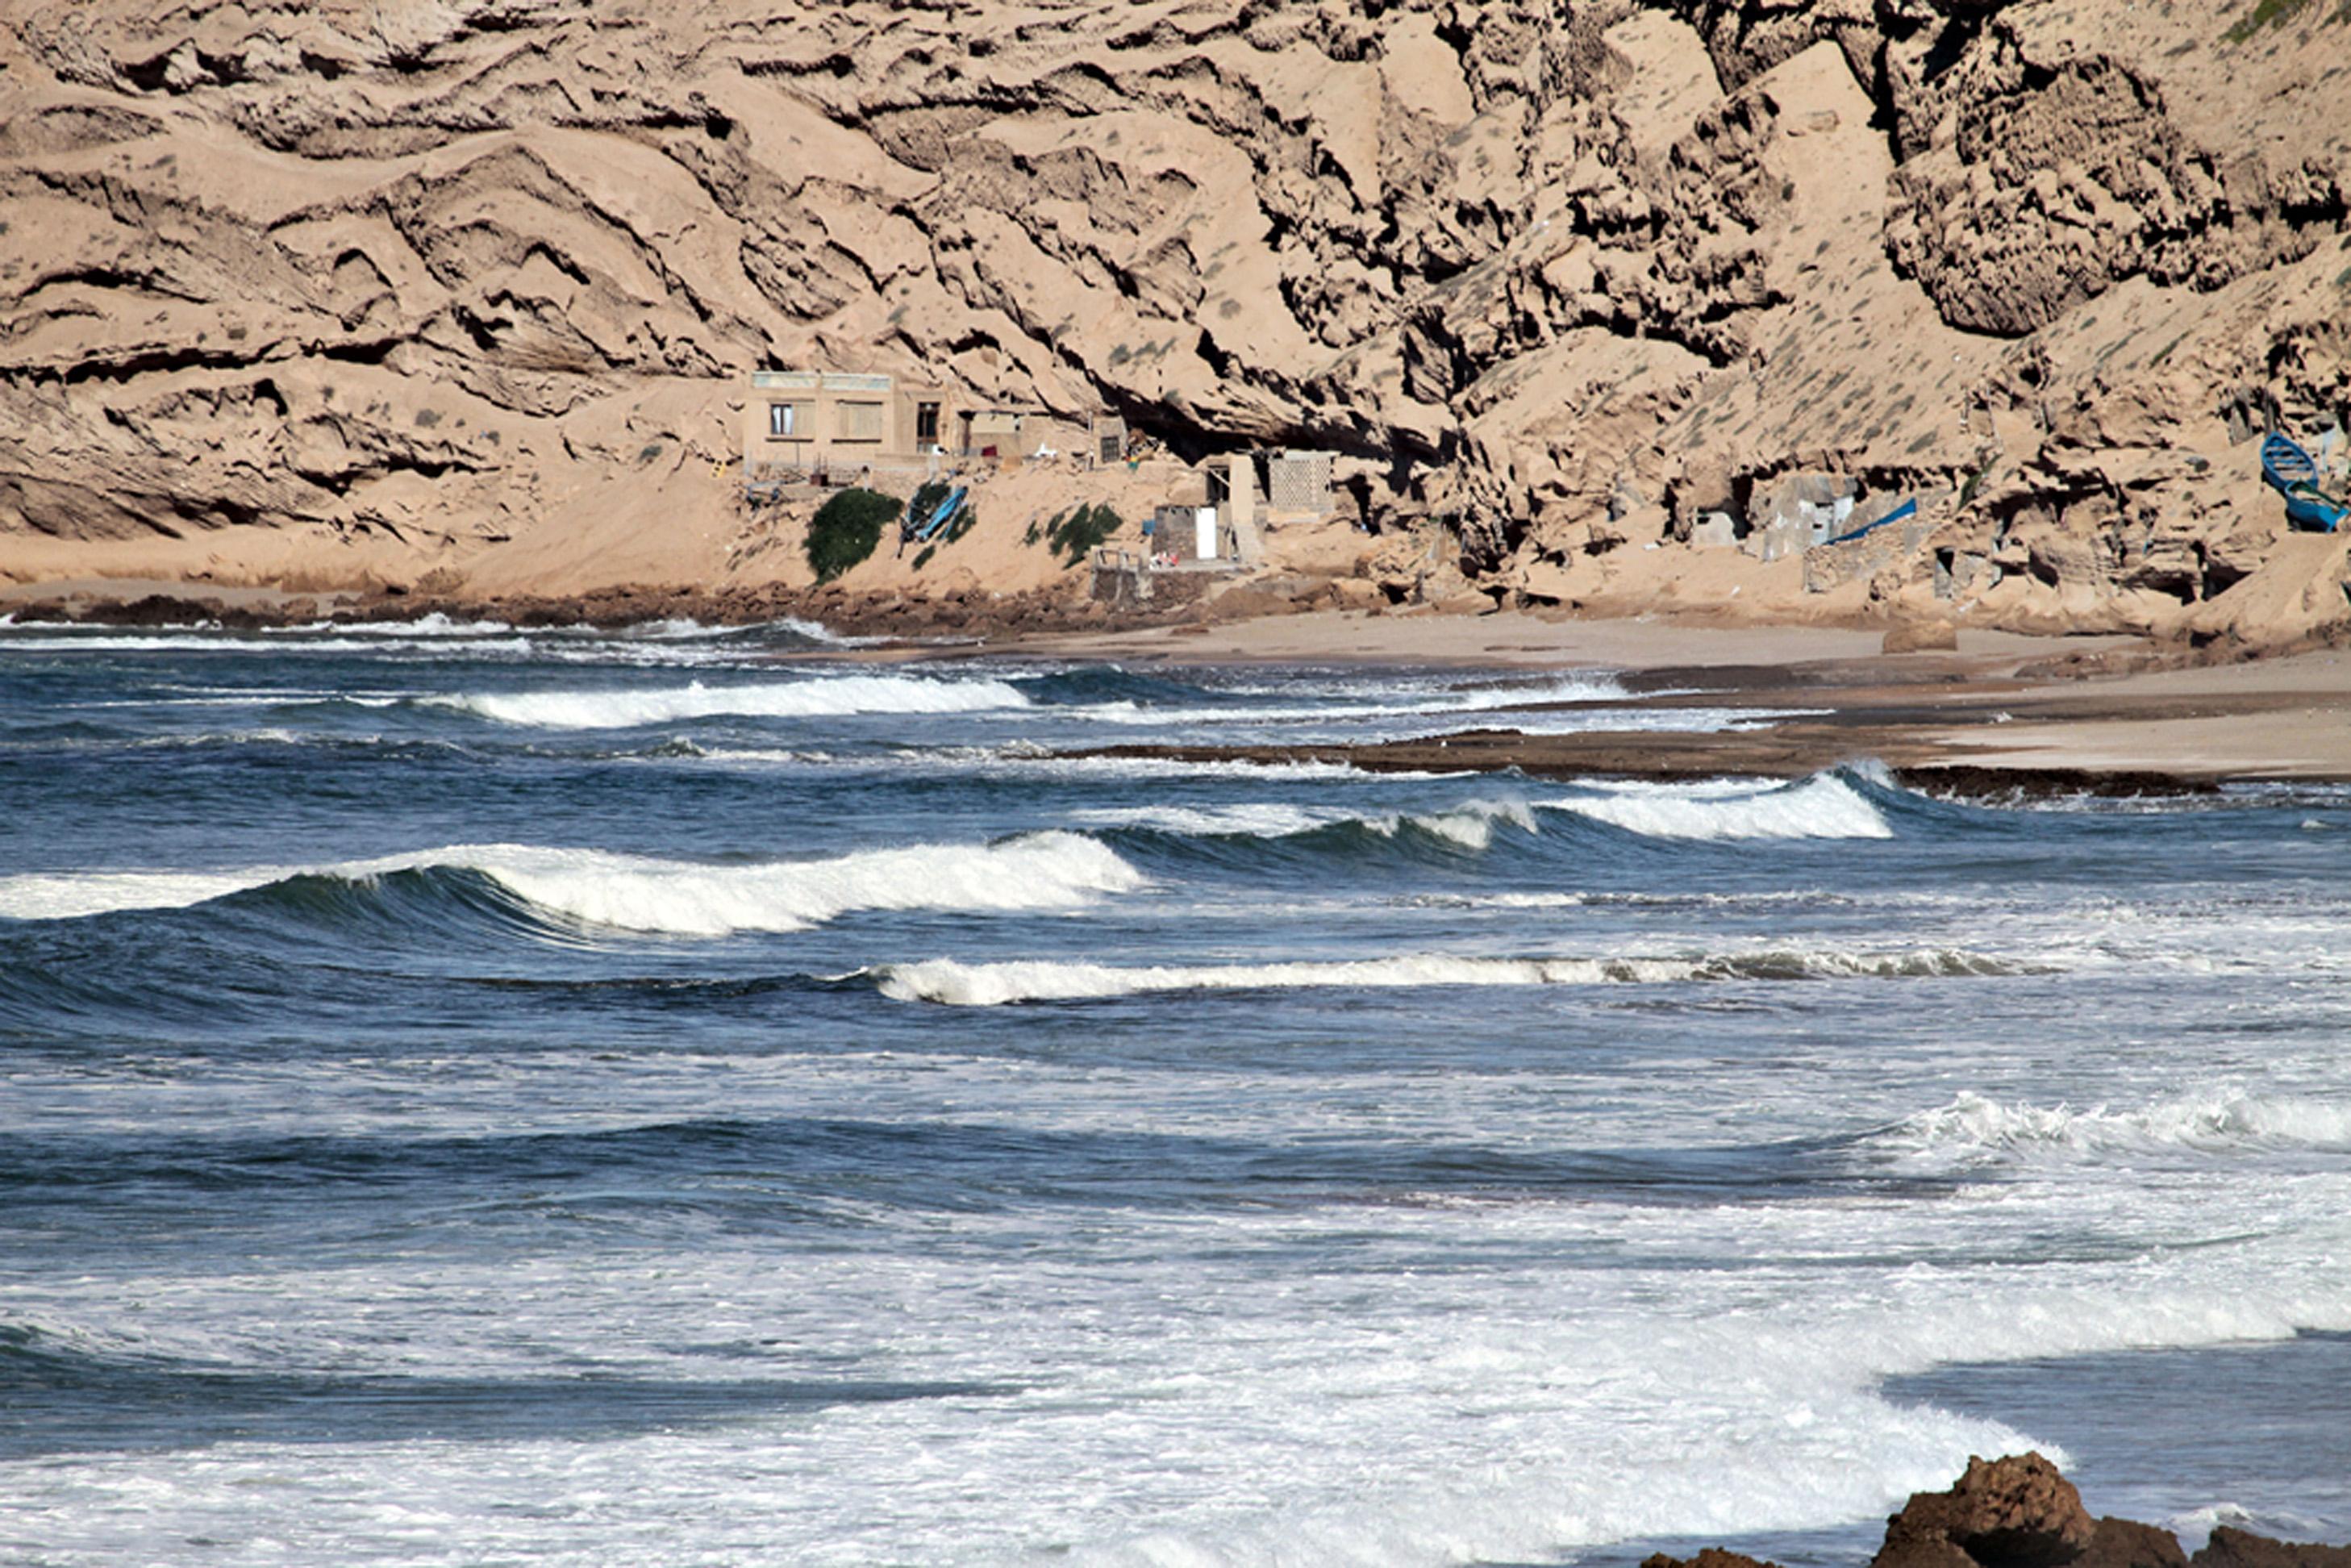 Marrocos: Por que ir? Lá vou atrás do que me alimenta: diversão, desafio e aventura.  Aonde ir? Fazendo uma trilha de 4x4 pela costa oeste do país, você encontra paz nas areias a perder de vista e um pôr do sol iluminado.